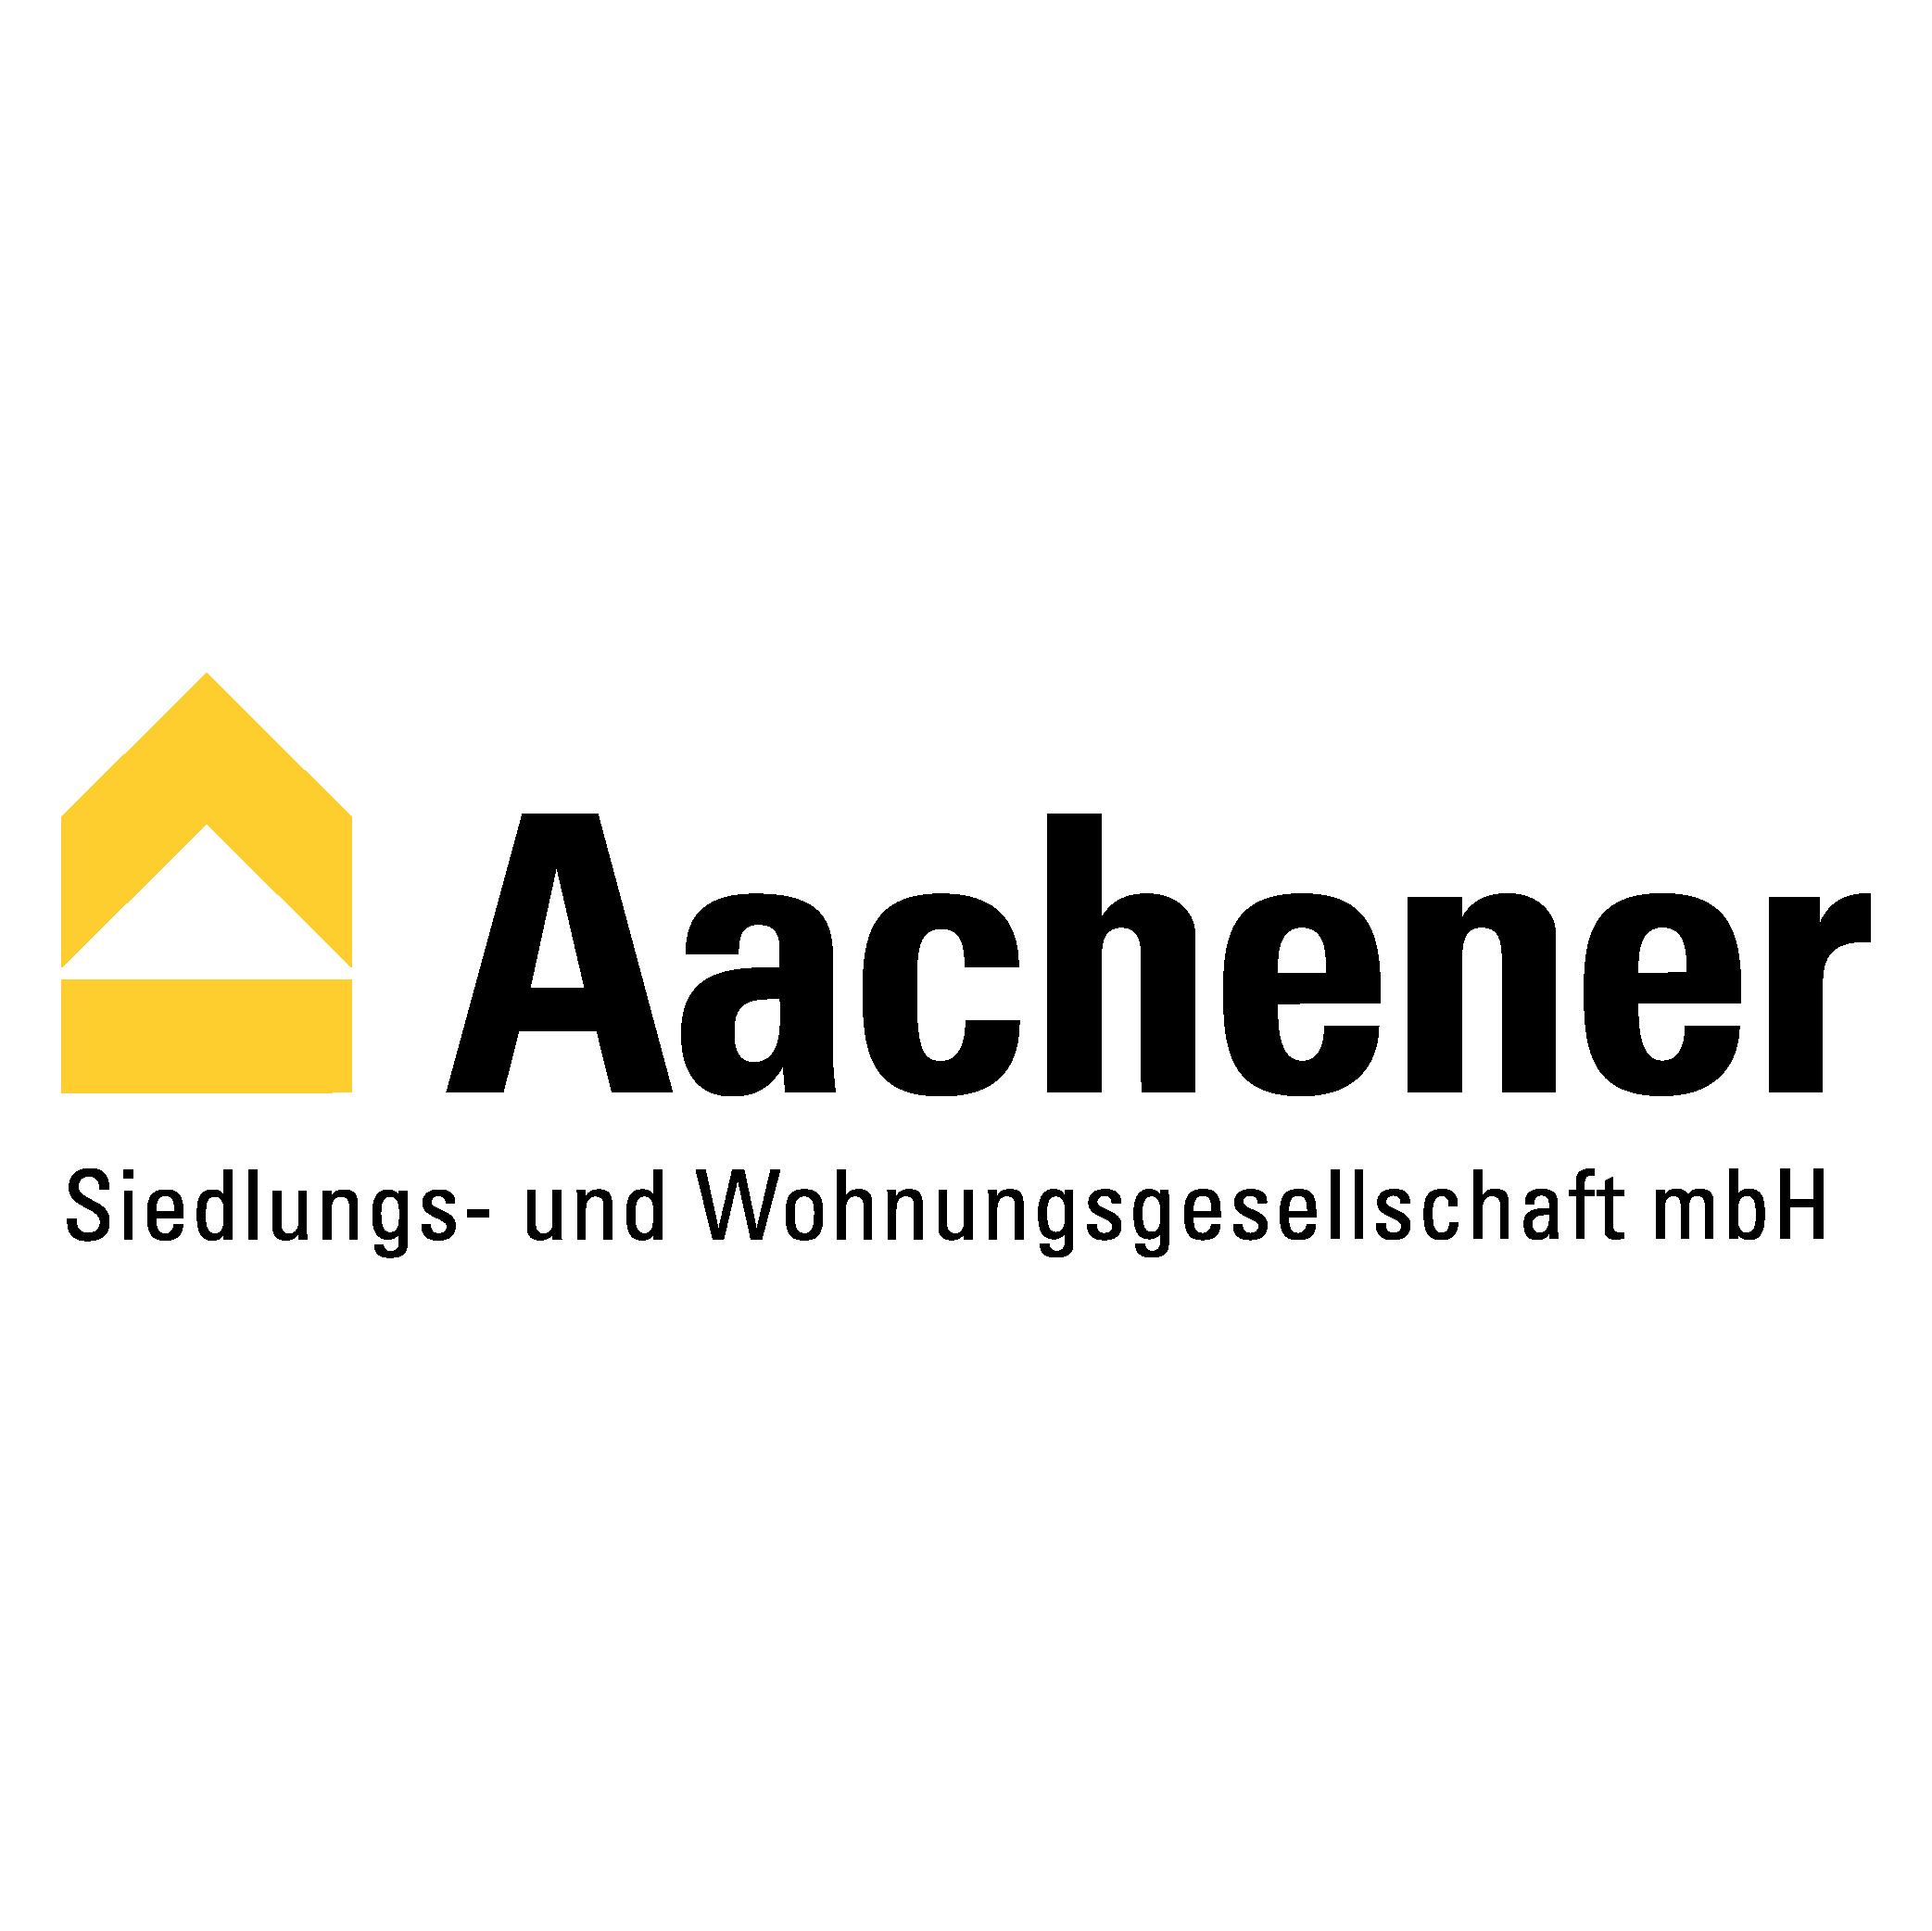 Schilder und individuelle Drucke für Immobilienverwaltung wie die Kölner Achener SWG